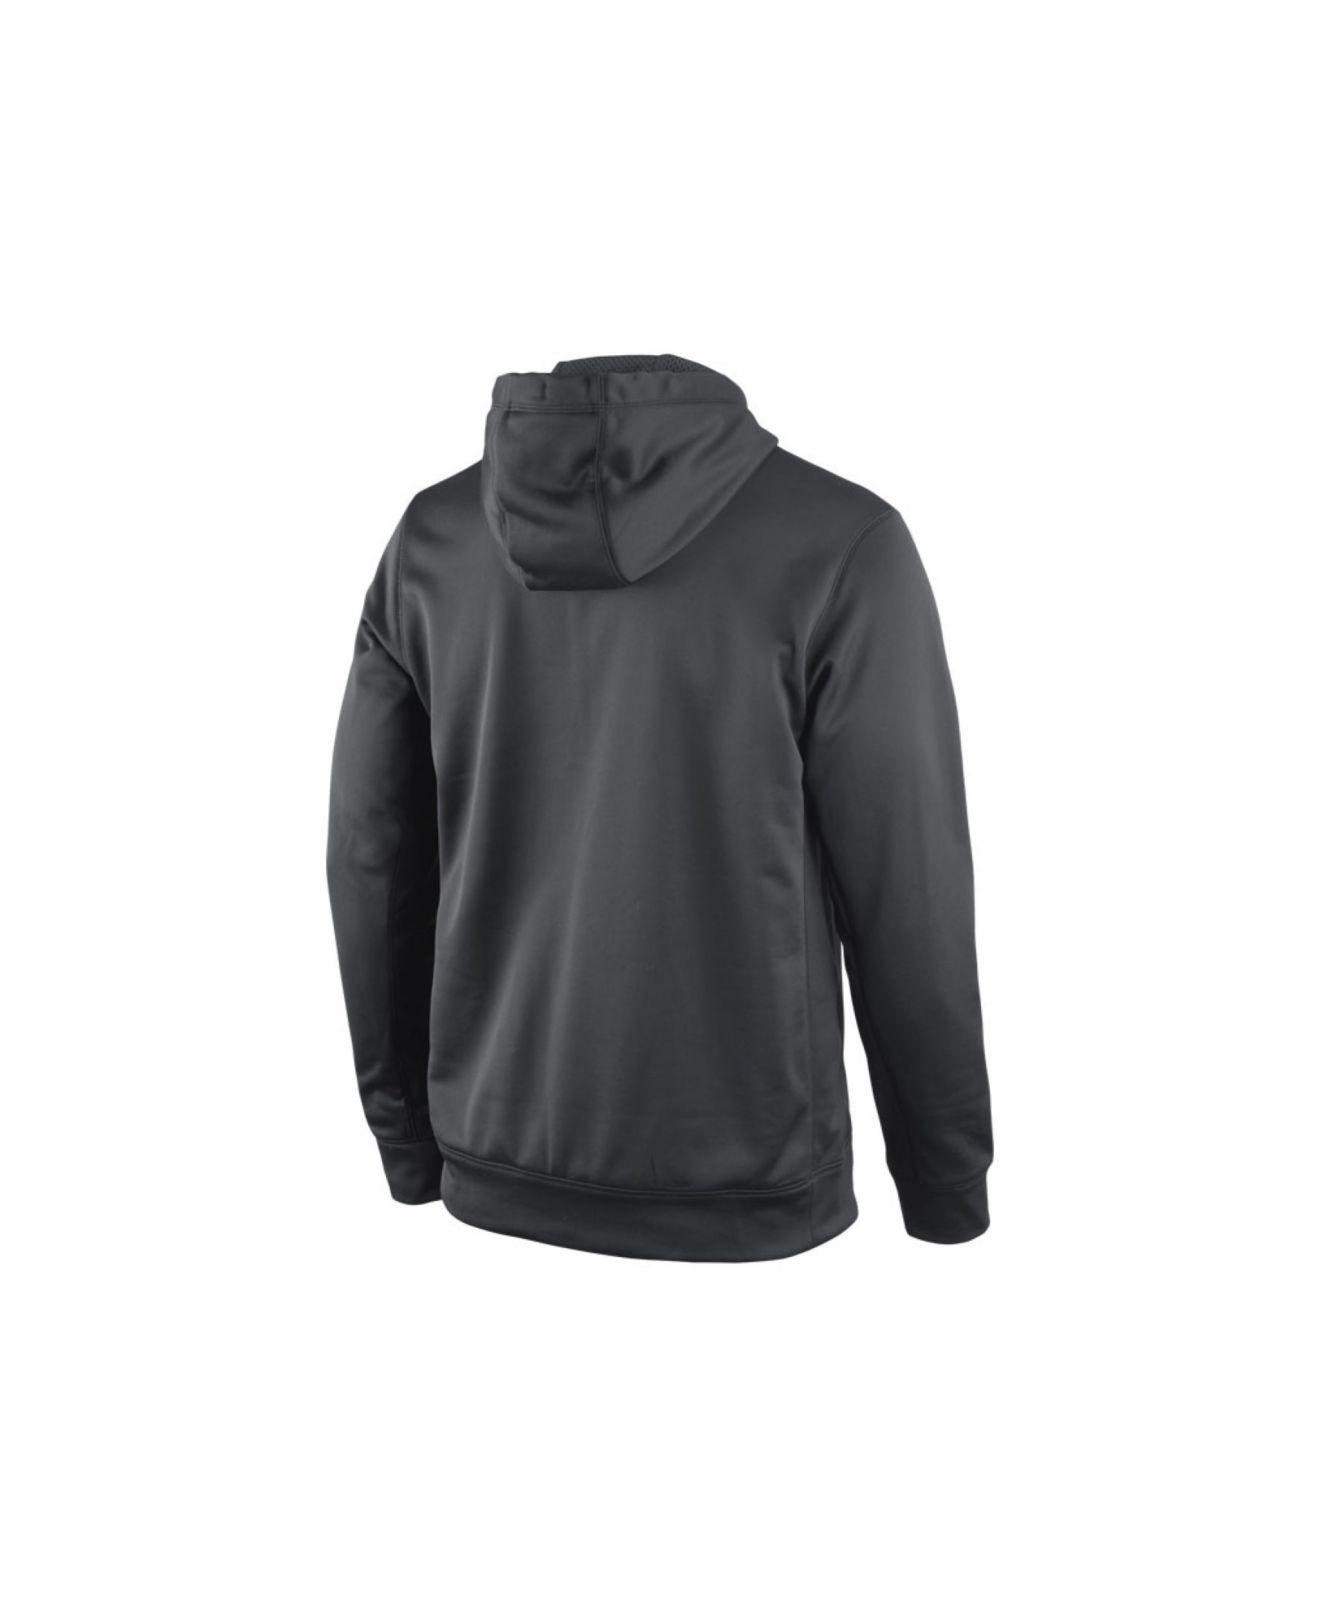 beaac9aa Nike Men'S Washington Redskins Platinum Ko Hoodie in Gray for Men - Lyst